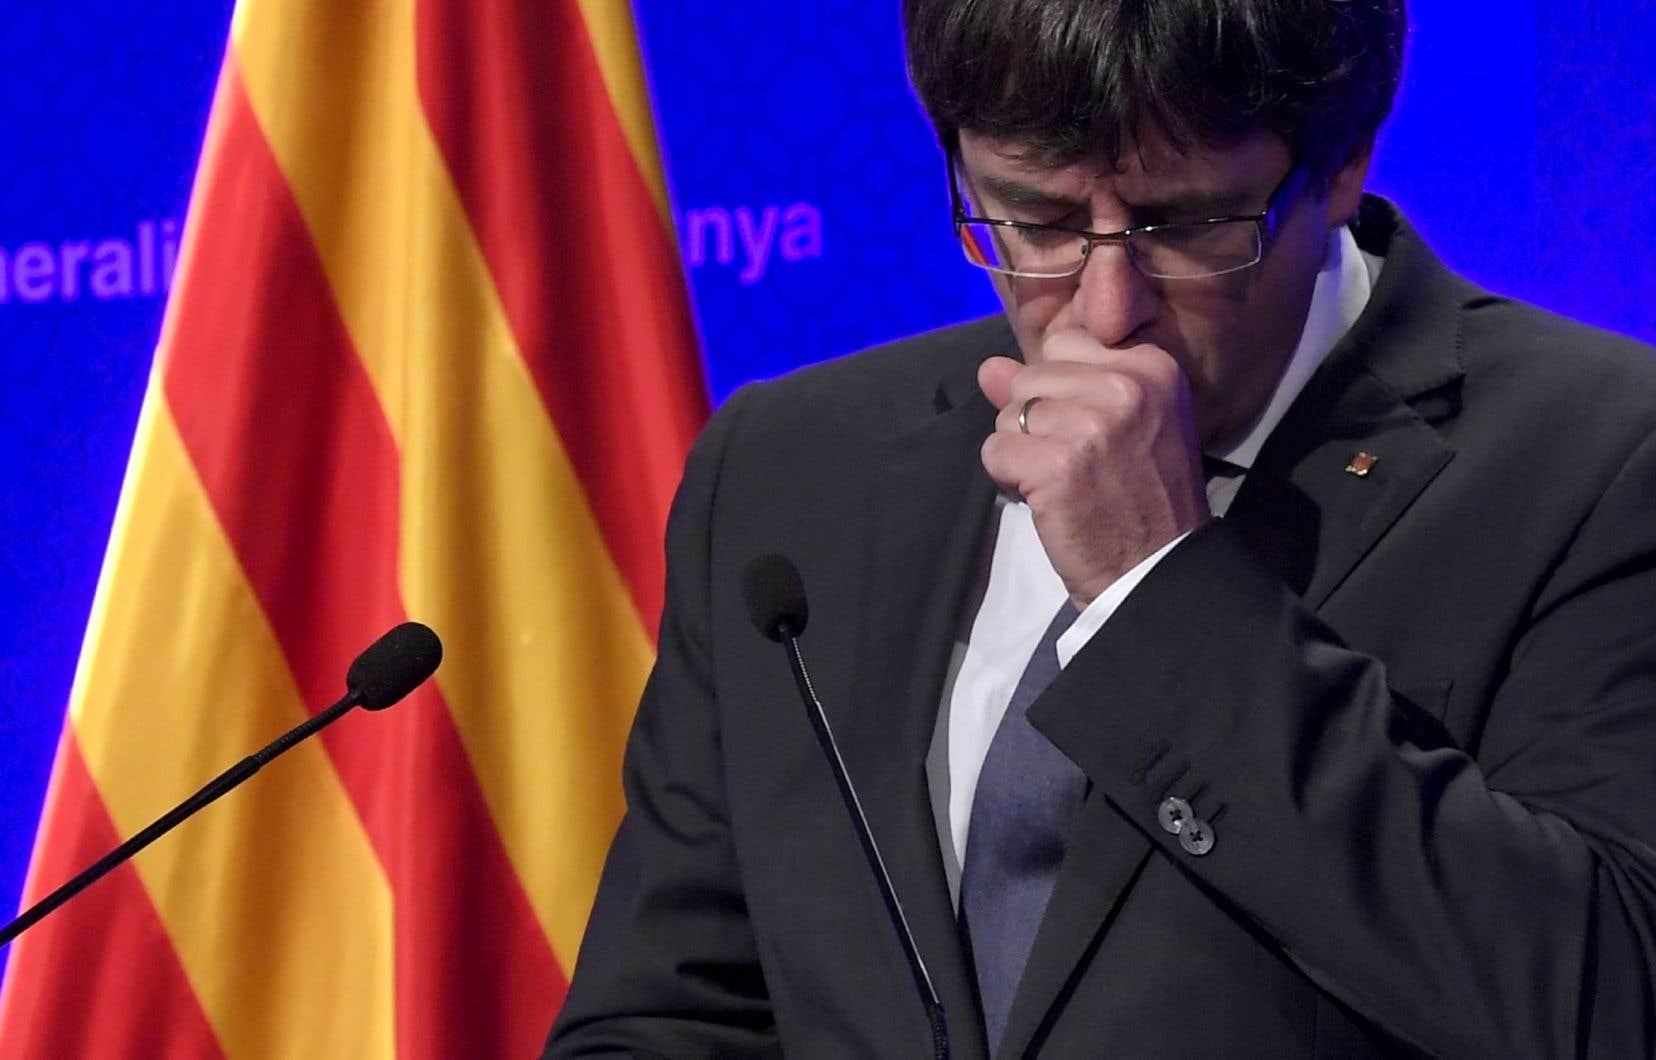 Le président destitué Carles Puigdemont s'est exilé en Belgique après la déclaration d'indépendance avortée du 27 octobre.